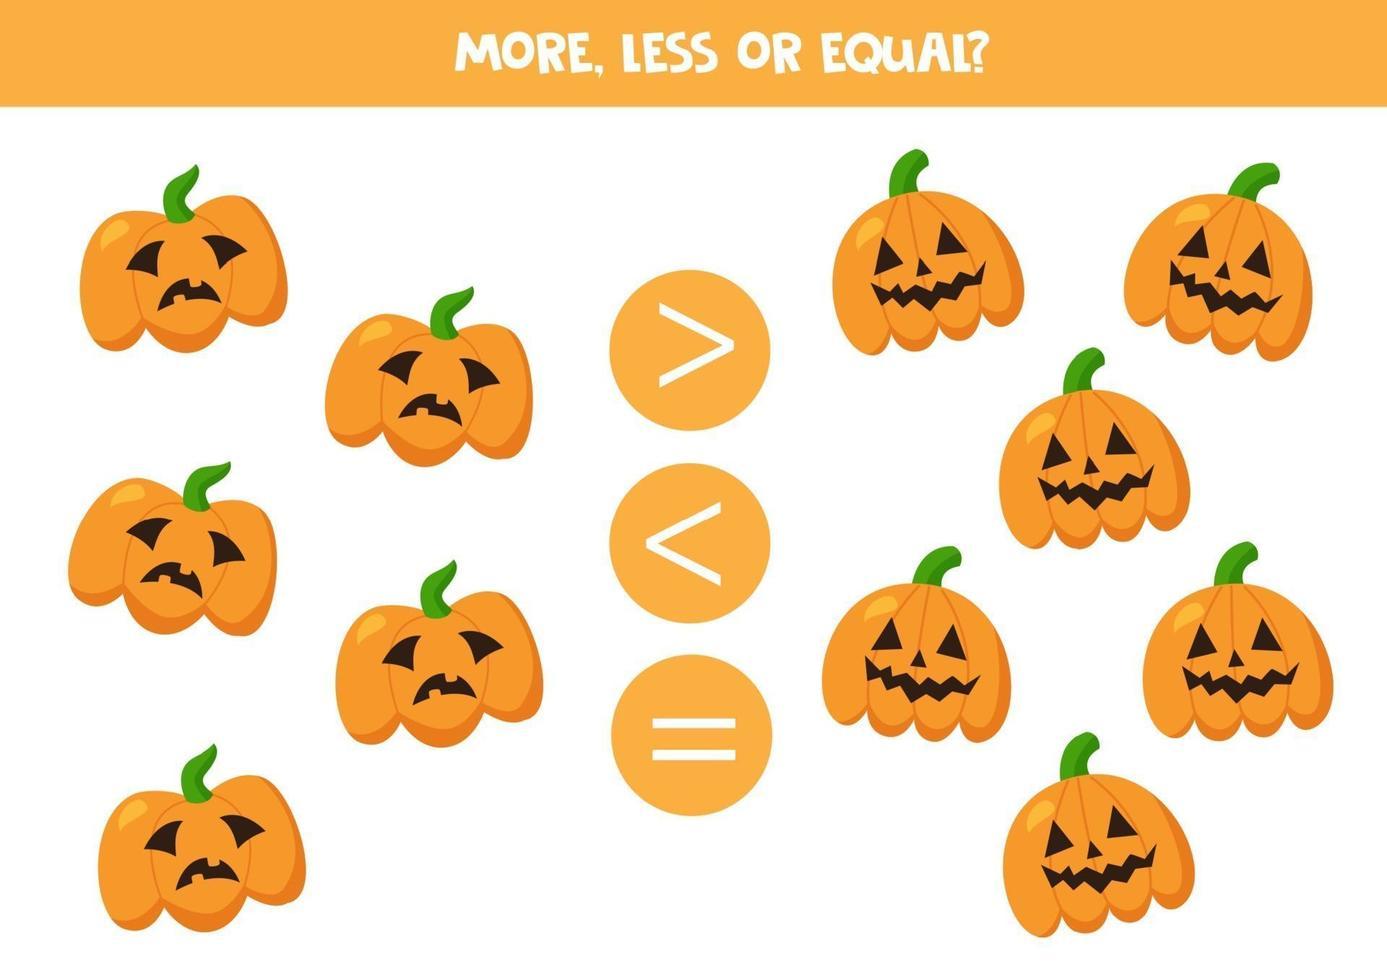 meer, minder, gelijk aan griezelige halloween-pompoenen. vector